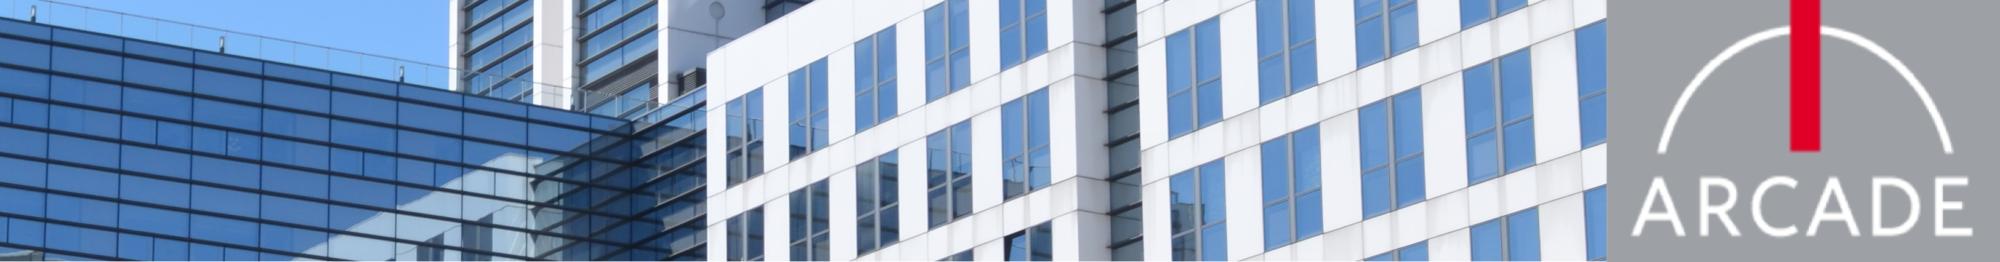 ARCADE Haus- und Grundbesitzverwaltung GmbH